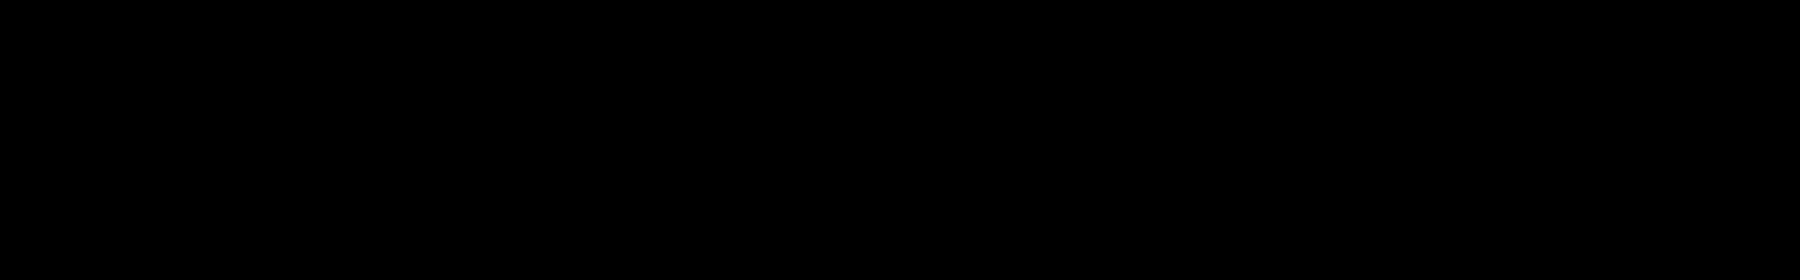 Midnight - Deep Garage audio waveform